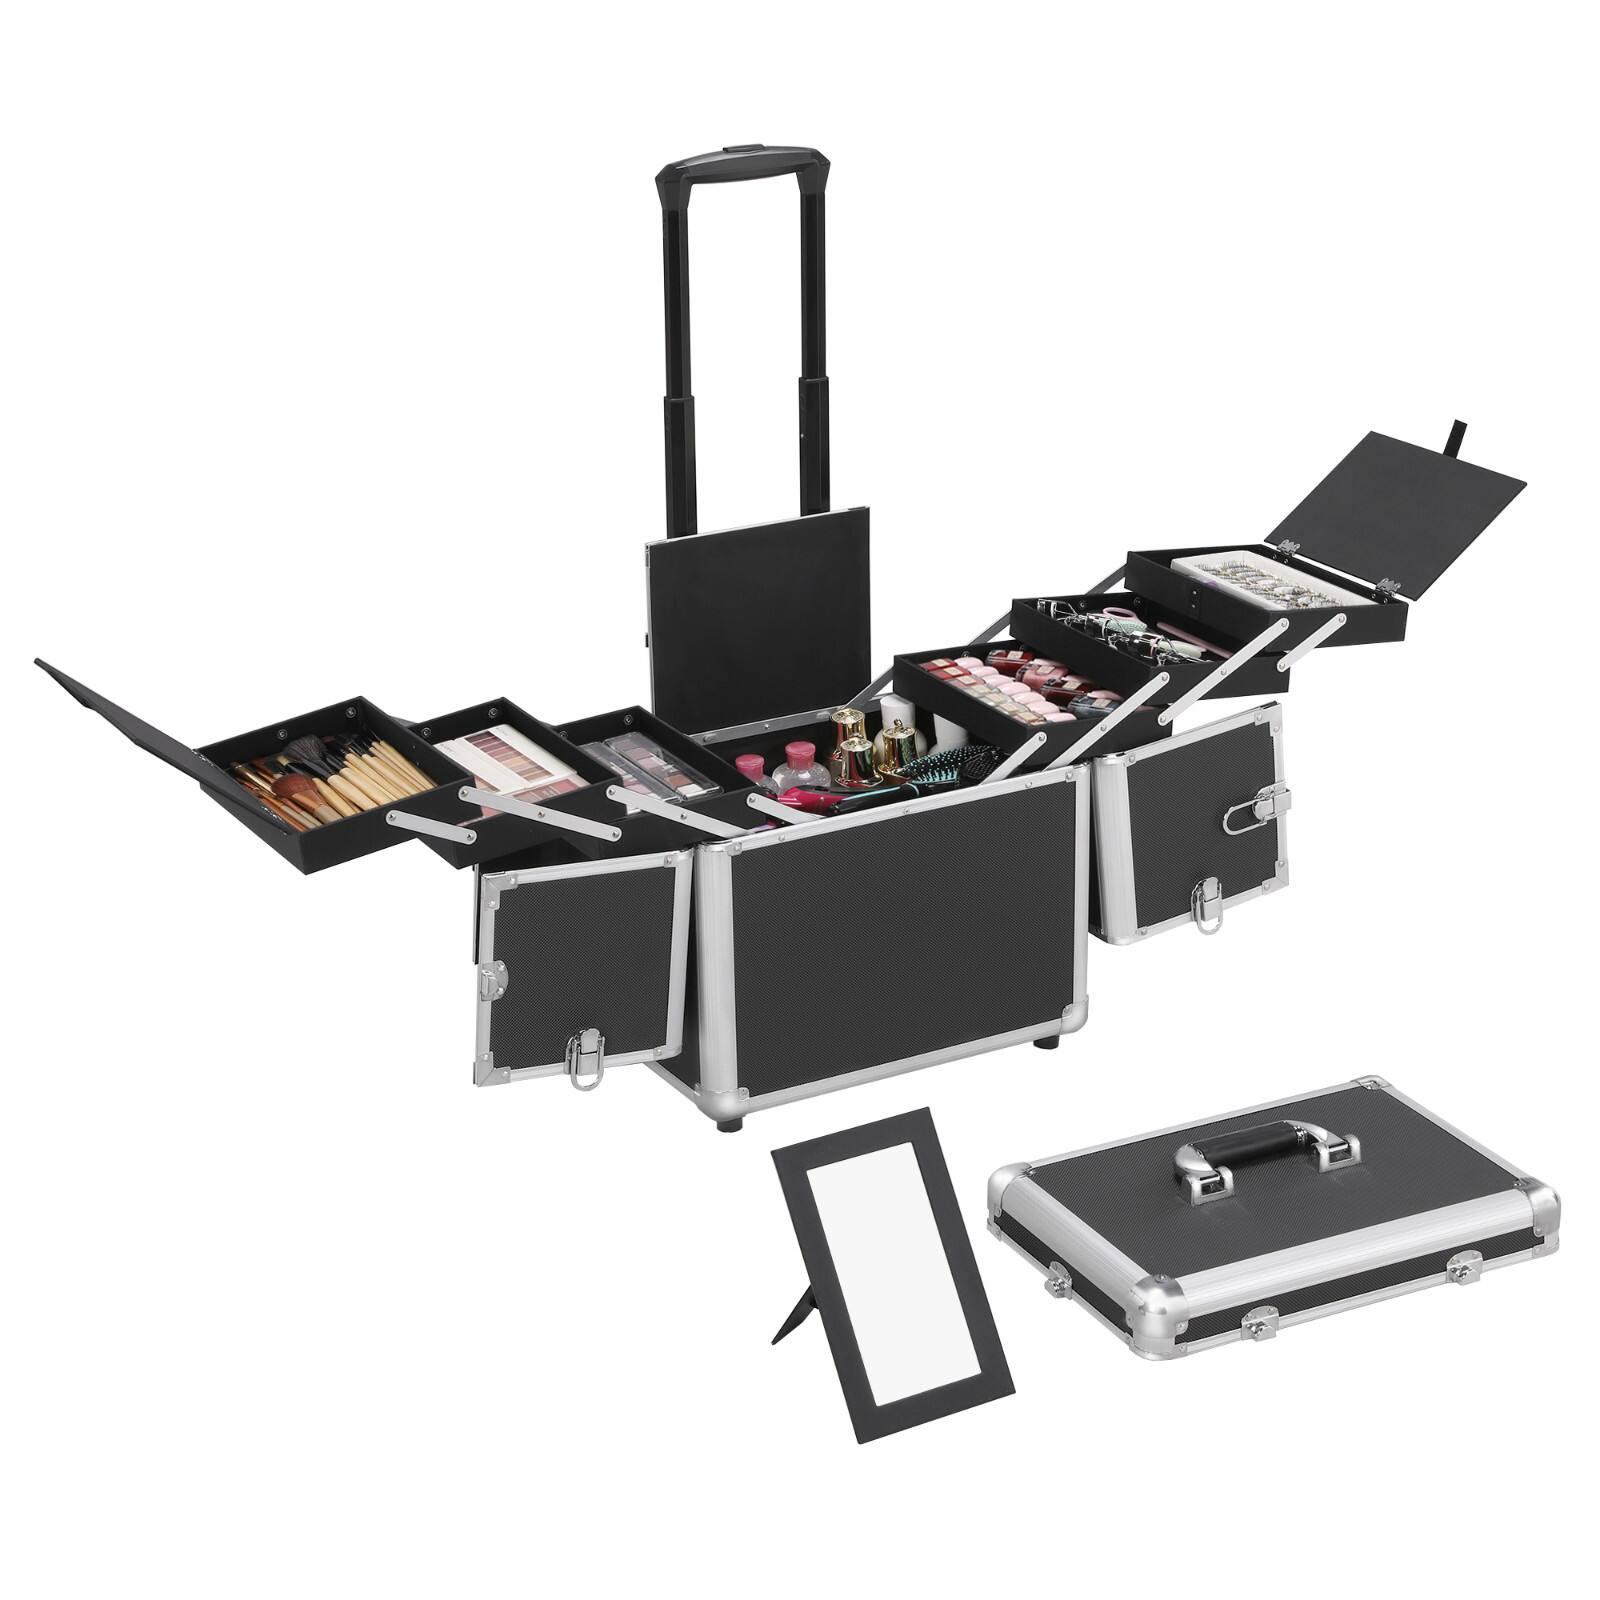 Yaheetech Makeup Case 20 Inch $45.59 + Free shipping